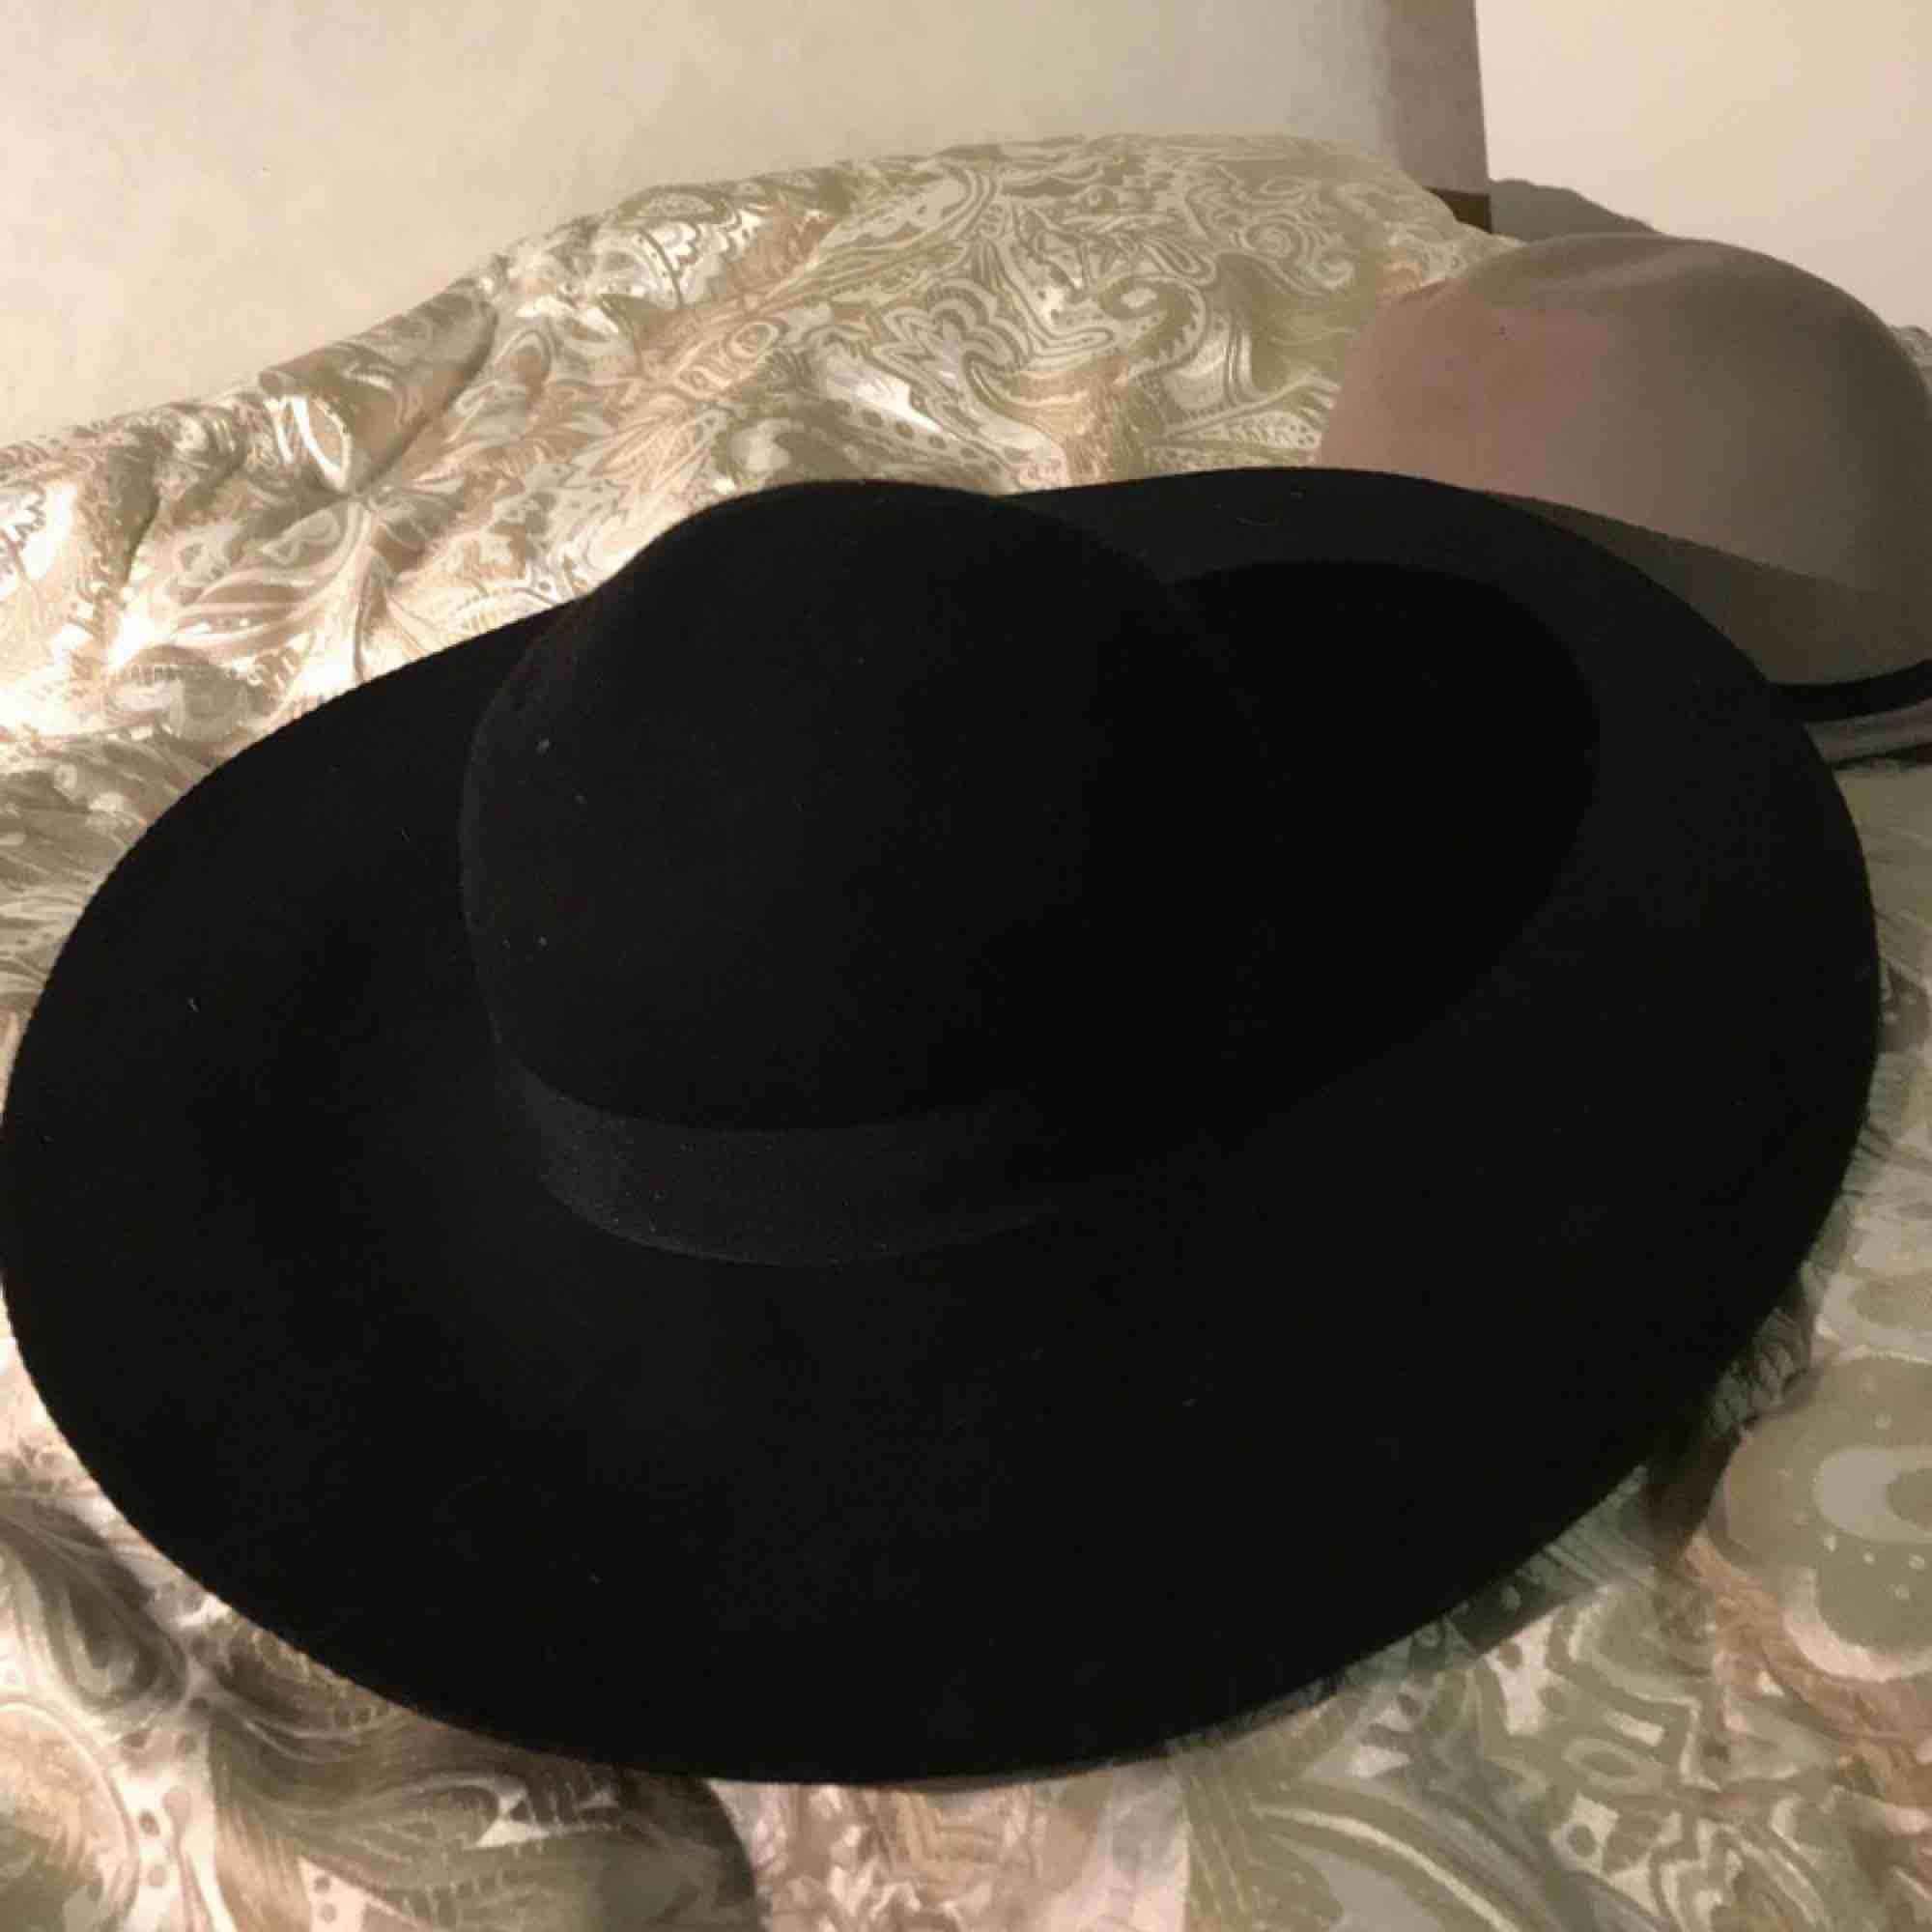 Svart hatt köpt på hm, använd 2 gånger Skick:8/10. Accessoarer.